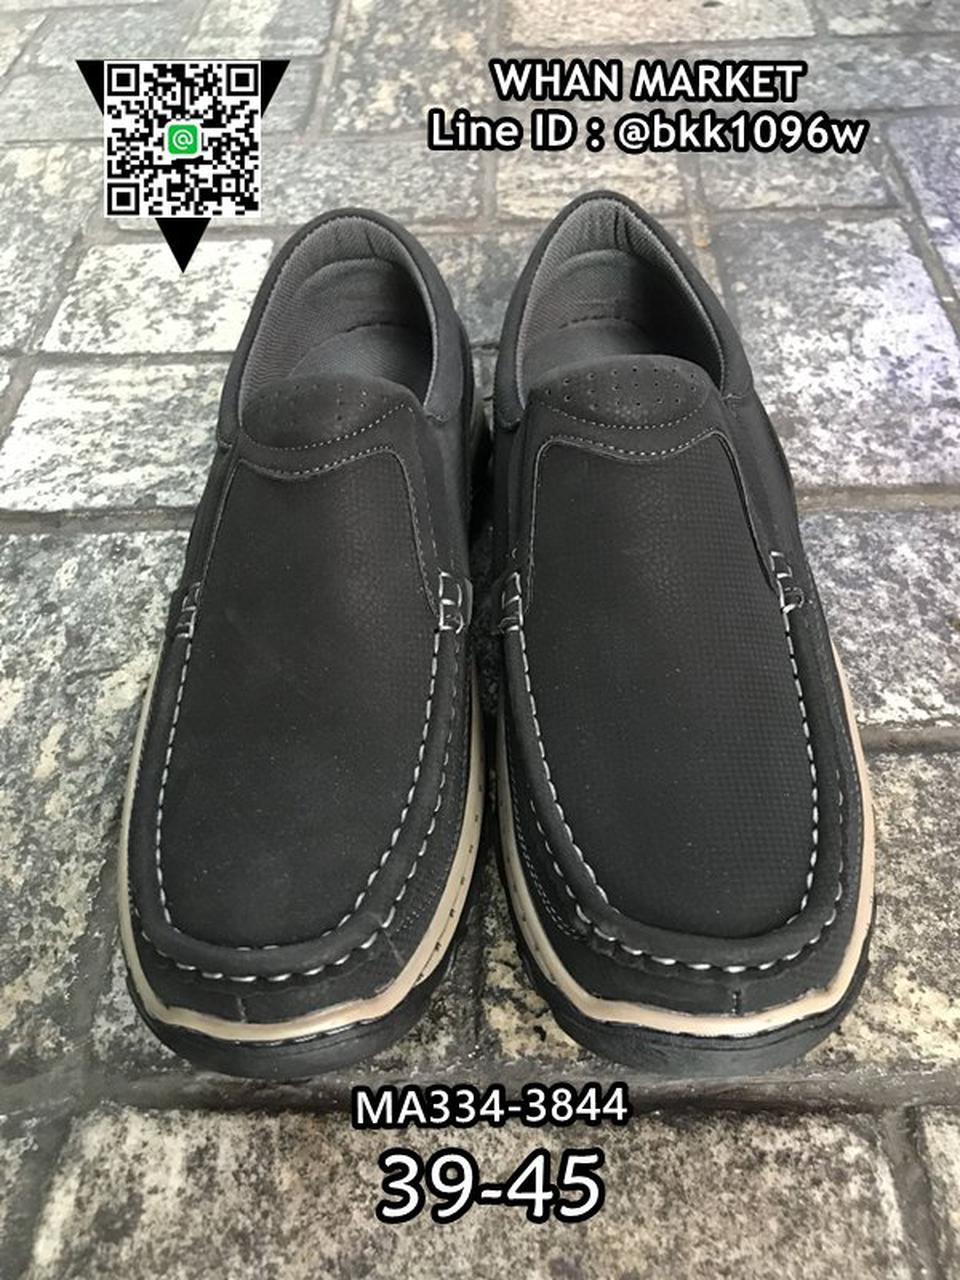 รองเท้าหนังผู้ชาย แบบสวม ทรงคัชชู วัสดุหนัง PU คุณภาพดี  รูปที่ 3